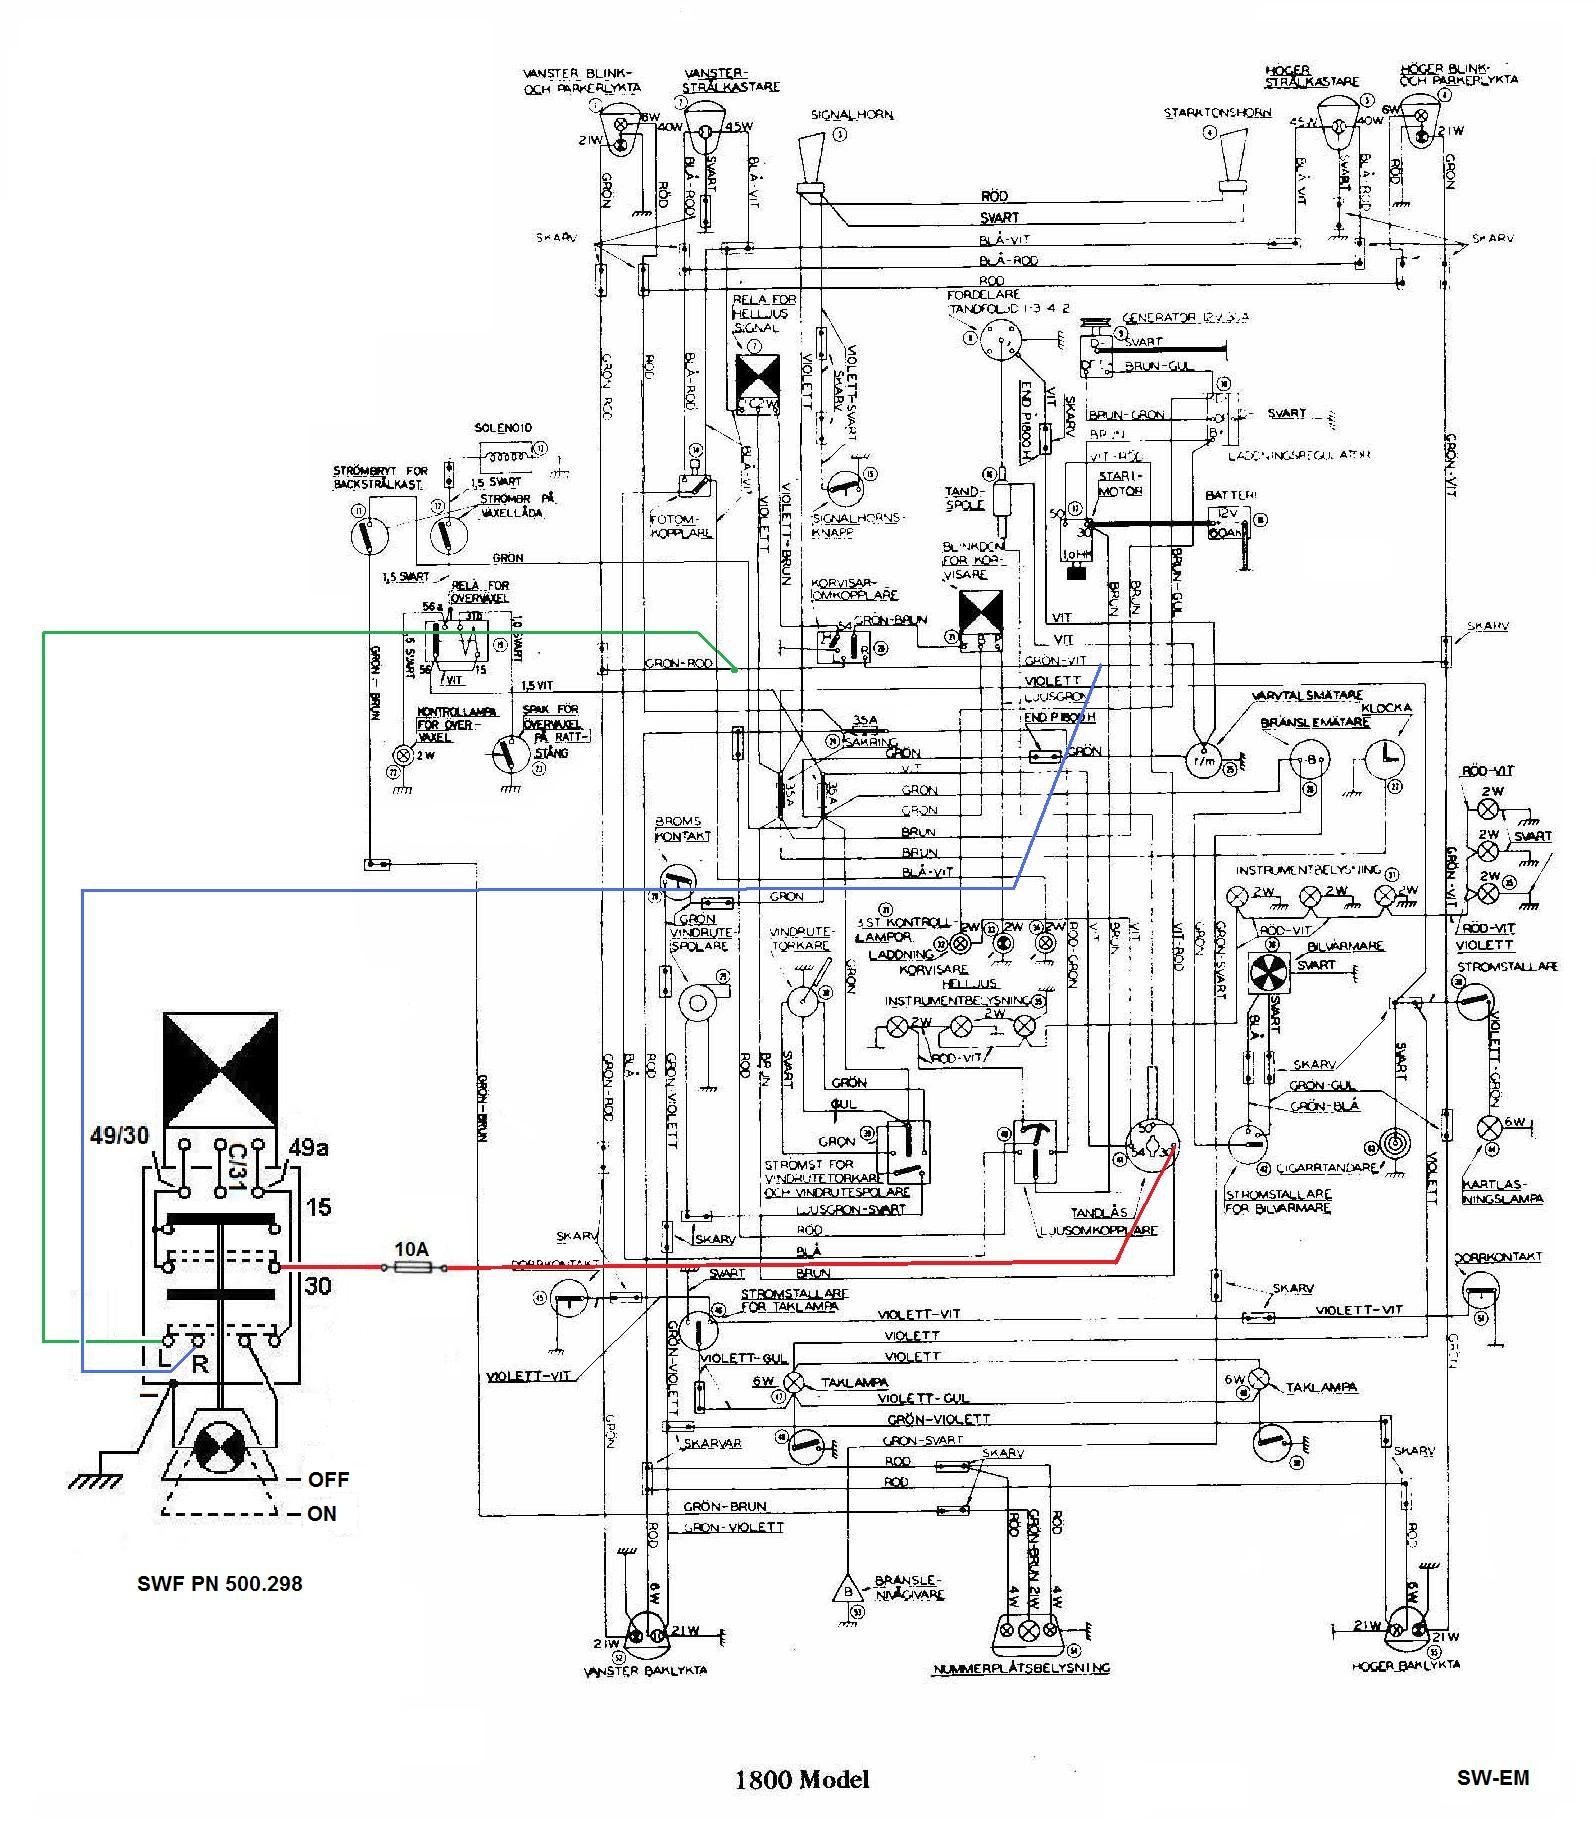 How to Wire 3 Wire Flasher Sw Em Emergency Flasher Of How to Wire 3 Wire Flasher